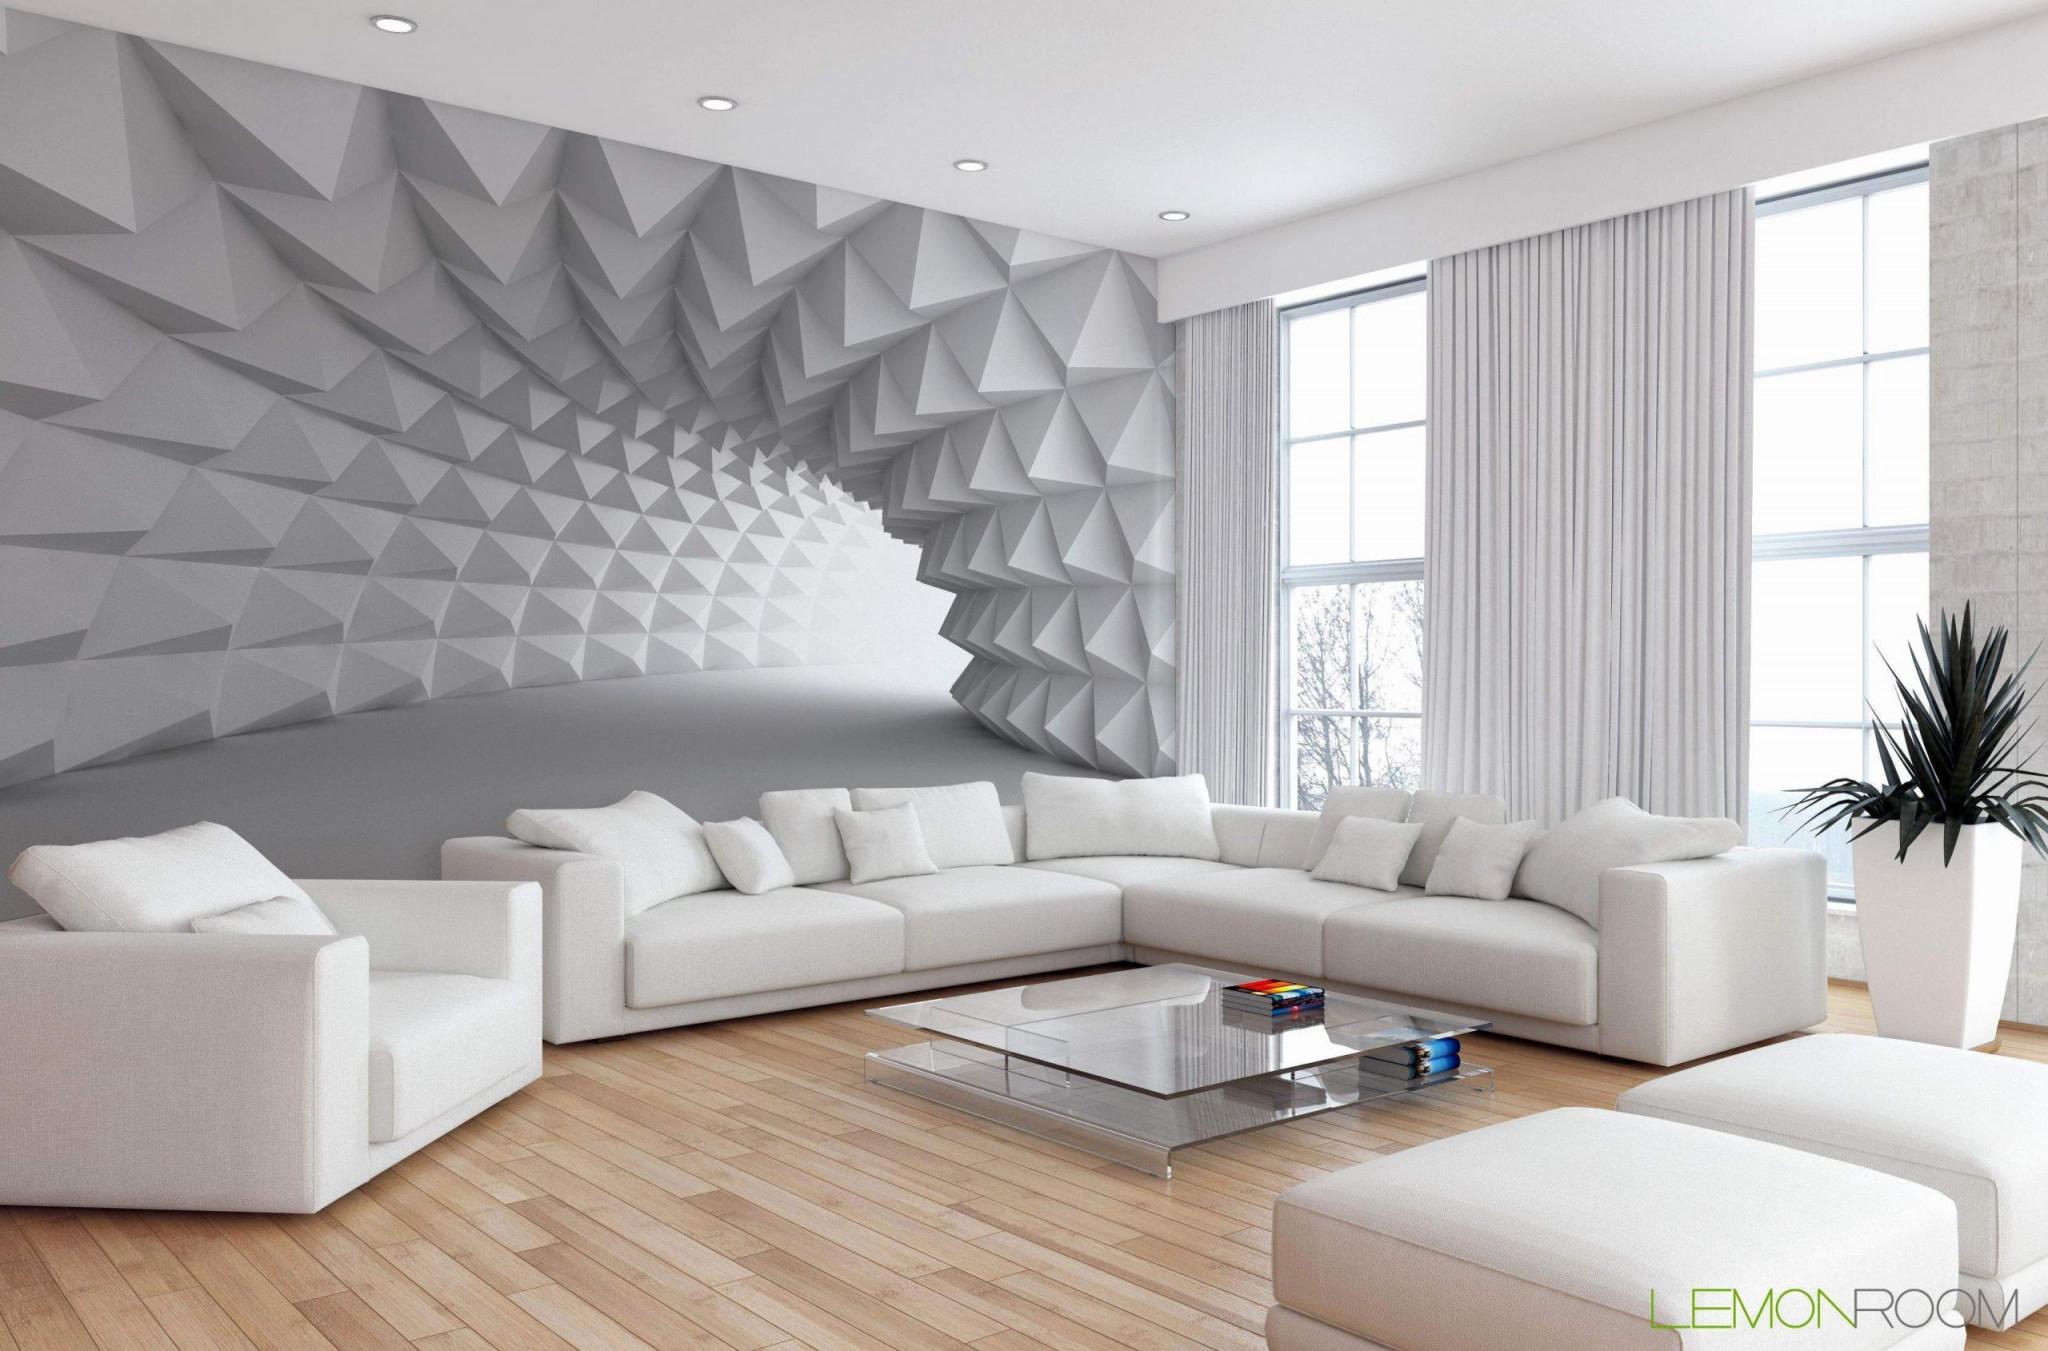 Fototapete Wohnzimmer 3D Das Beste Von 32 Frisch Tapeten von 3D Bilder Wohnzimmer Photo